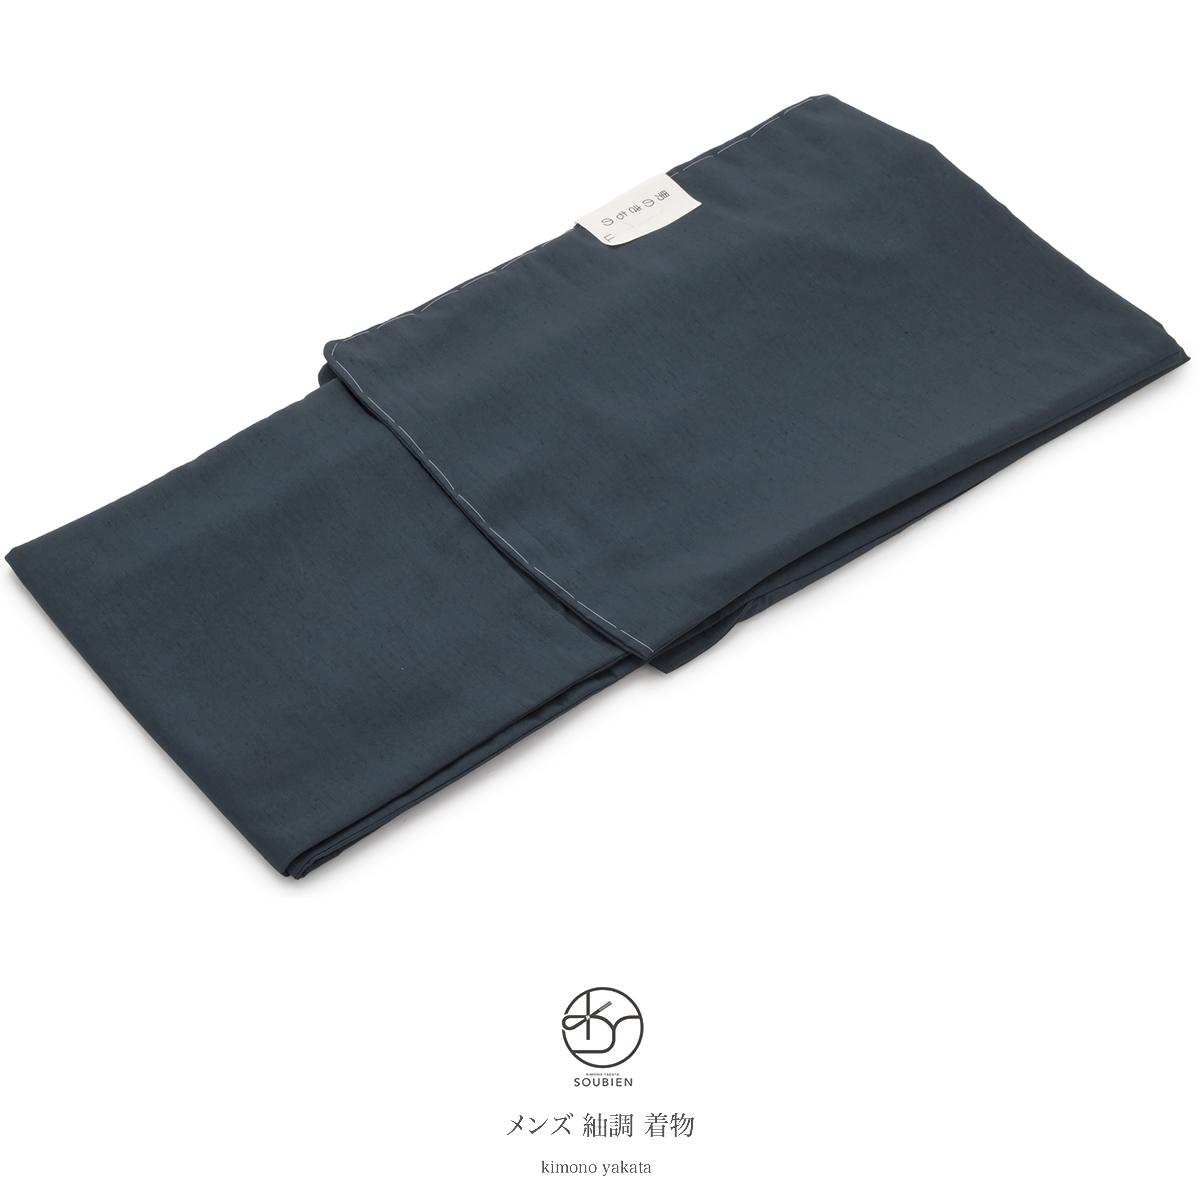 メンズ 着物袷 紺 ネイビー 無地 シンプル 紬調 カジュアル きもの 男性用 仕立て上がり【あす楽対応】【送料無料】